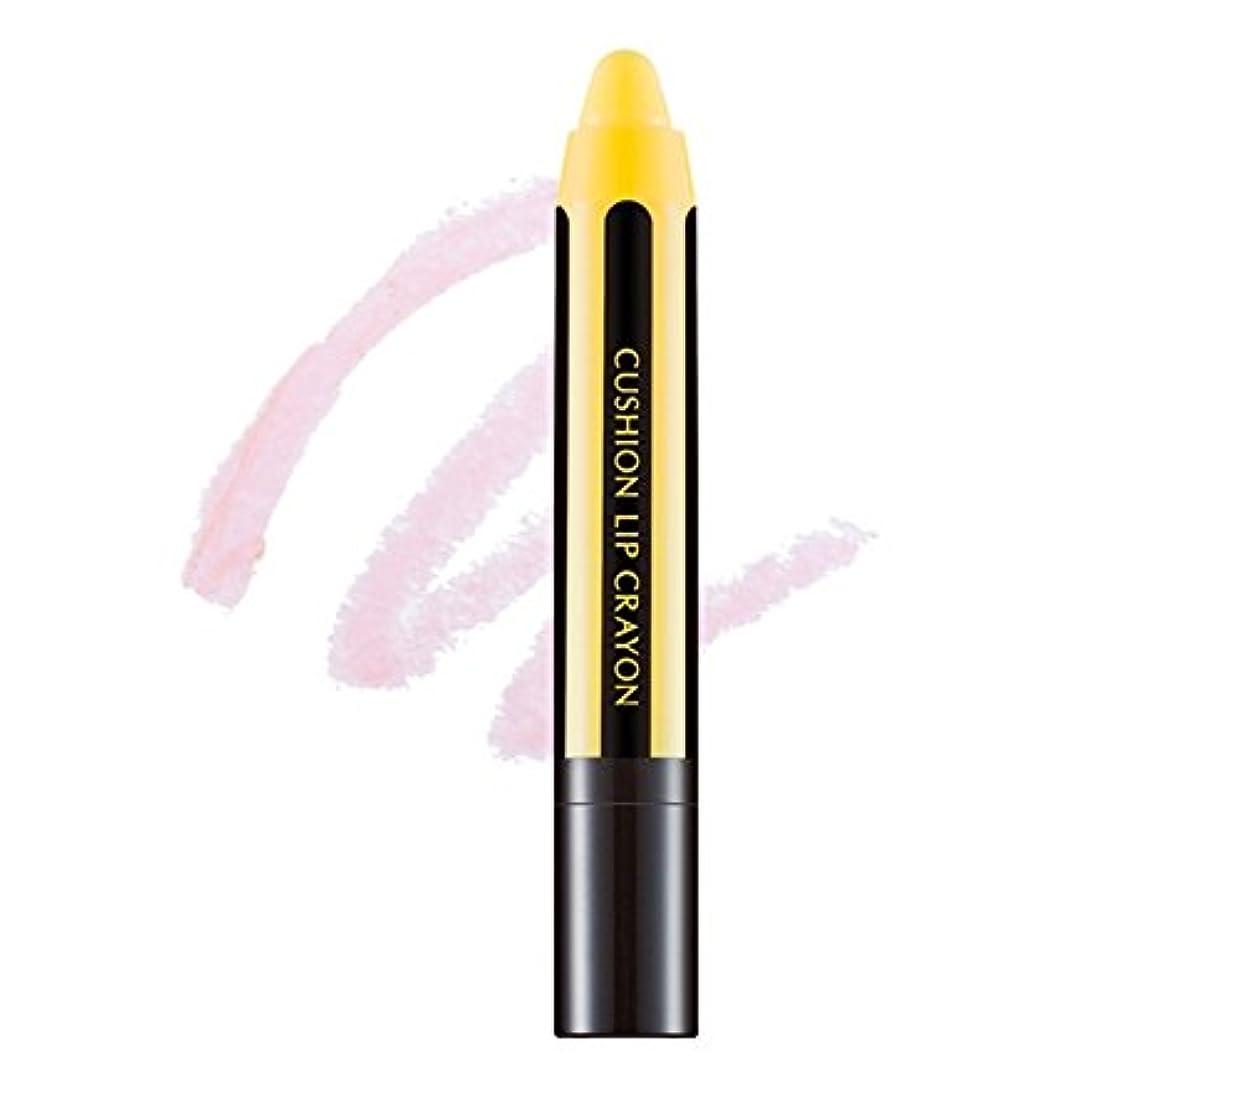 効率的にオープナー部屋を掃除する[New] MISSHA Cushion Lip Crayon (#YPK01 : Lemon soda)/ミシャ クッション リップ クレヨン (#YPK01 : Lemon soda)